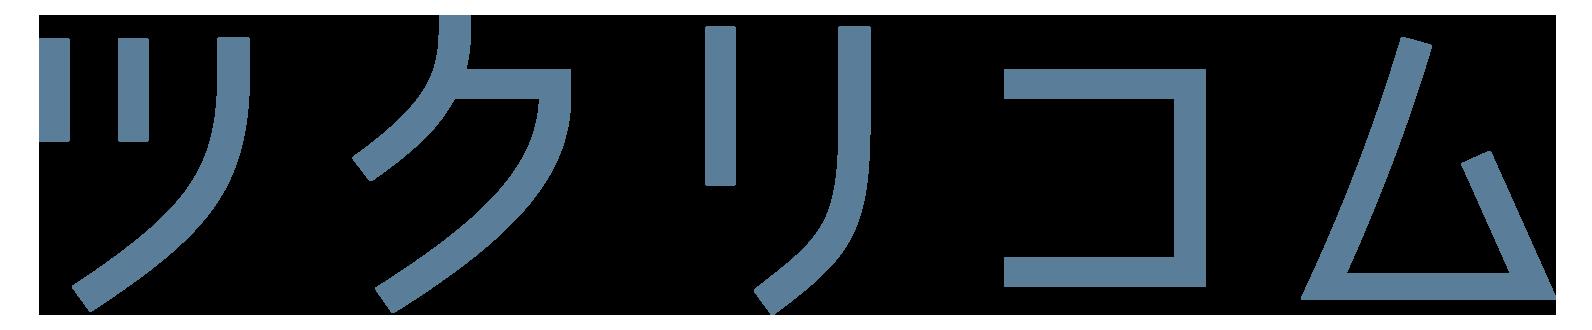 1点から作れるオーダーメイドのジグソーパズル【ツクリコム】